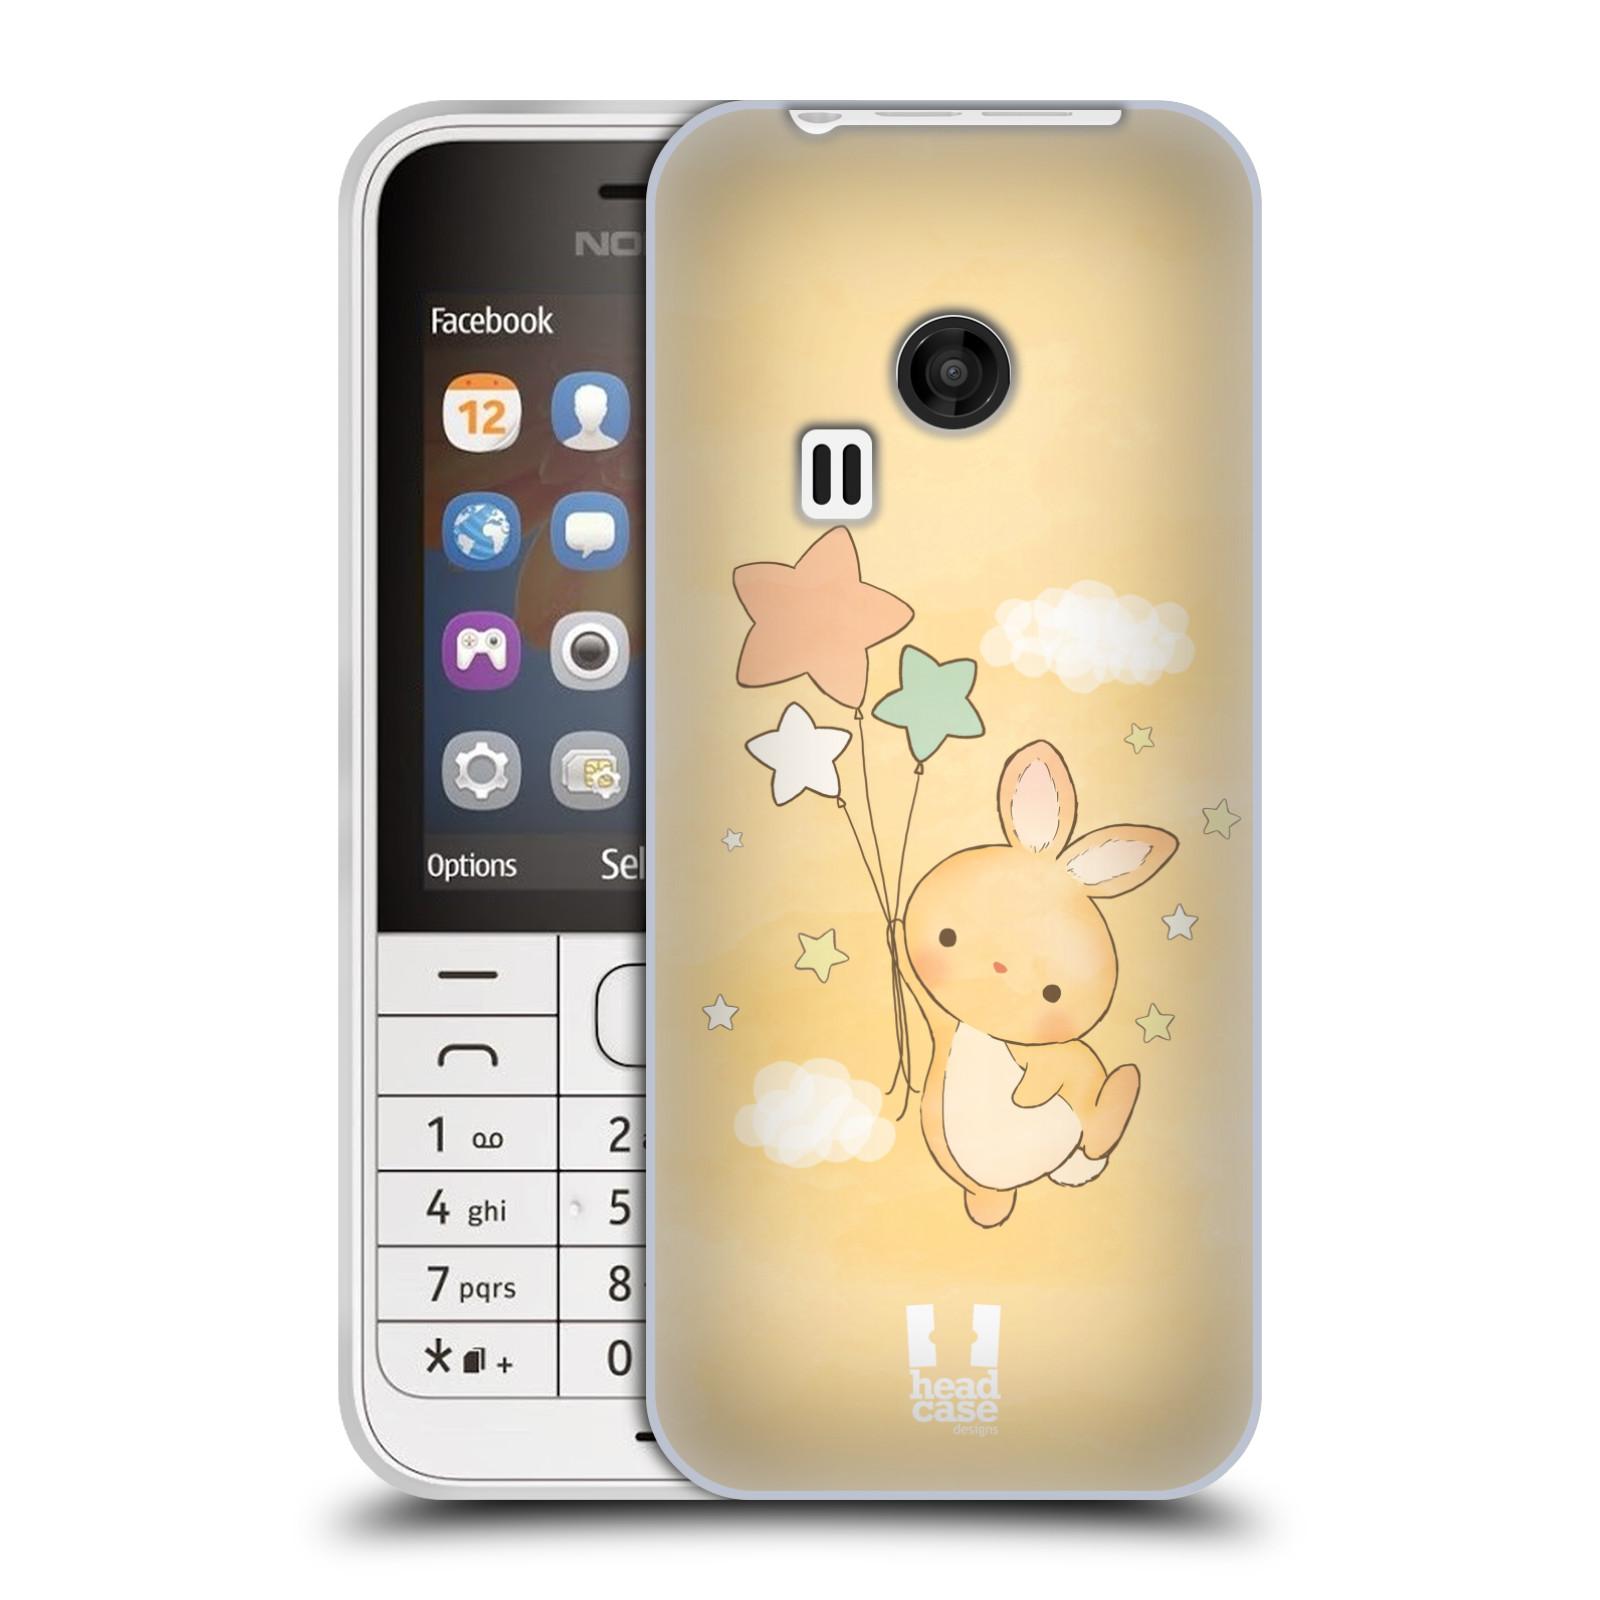 HEAD CASE silikonový obal na mobil NOKIA 220 / NOKIA 220 DUAL SIM vzor králíček a hvězdy žlutá